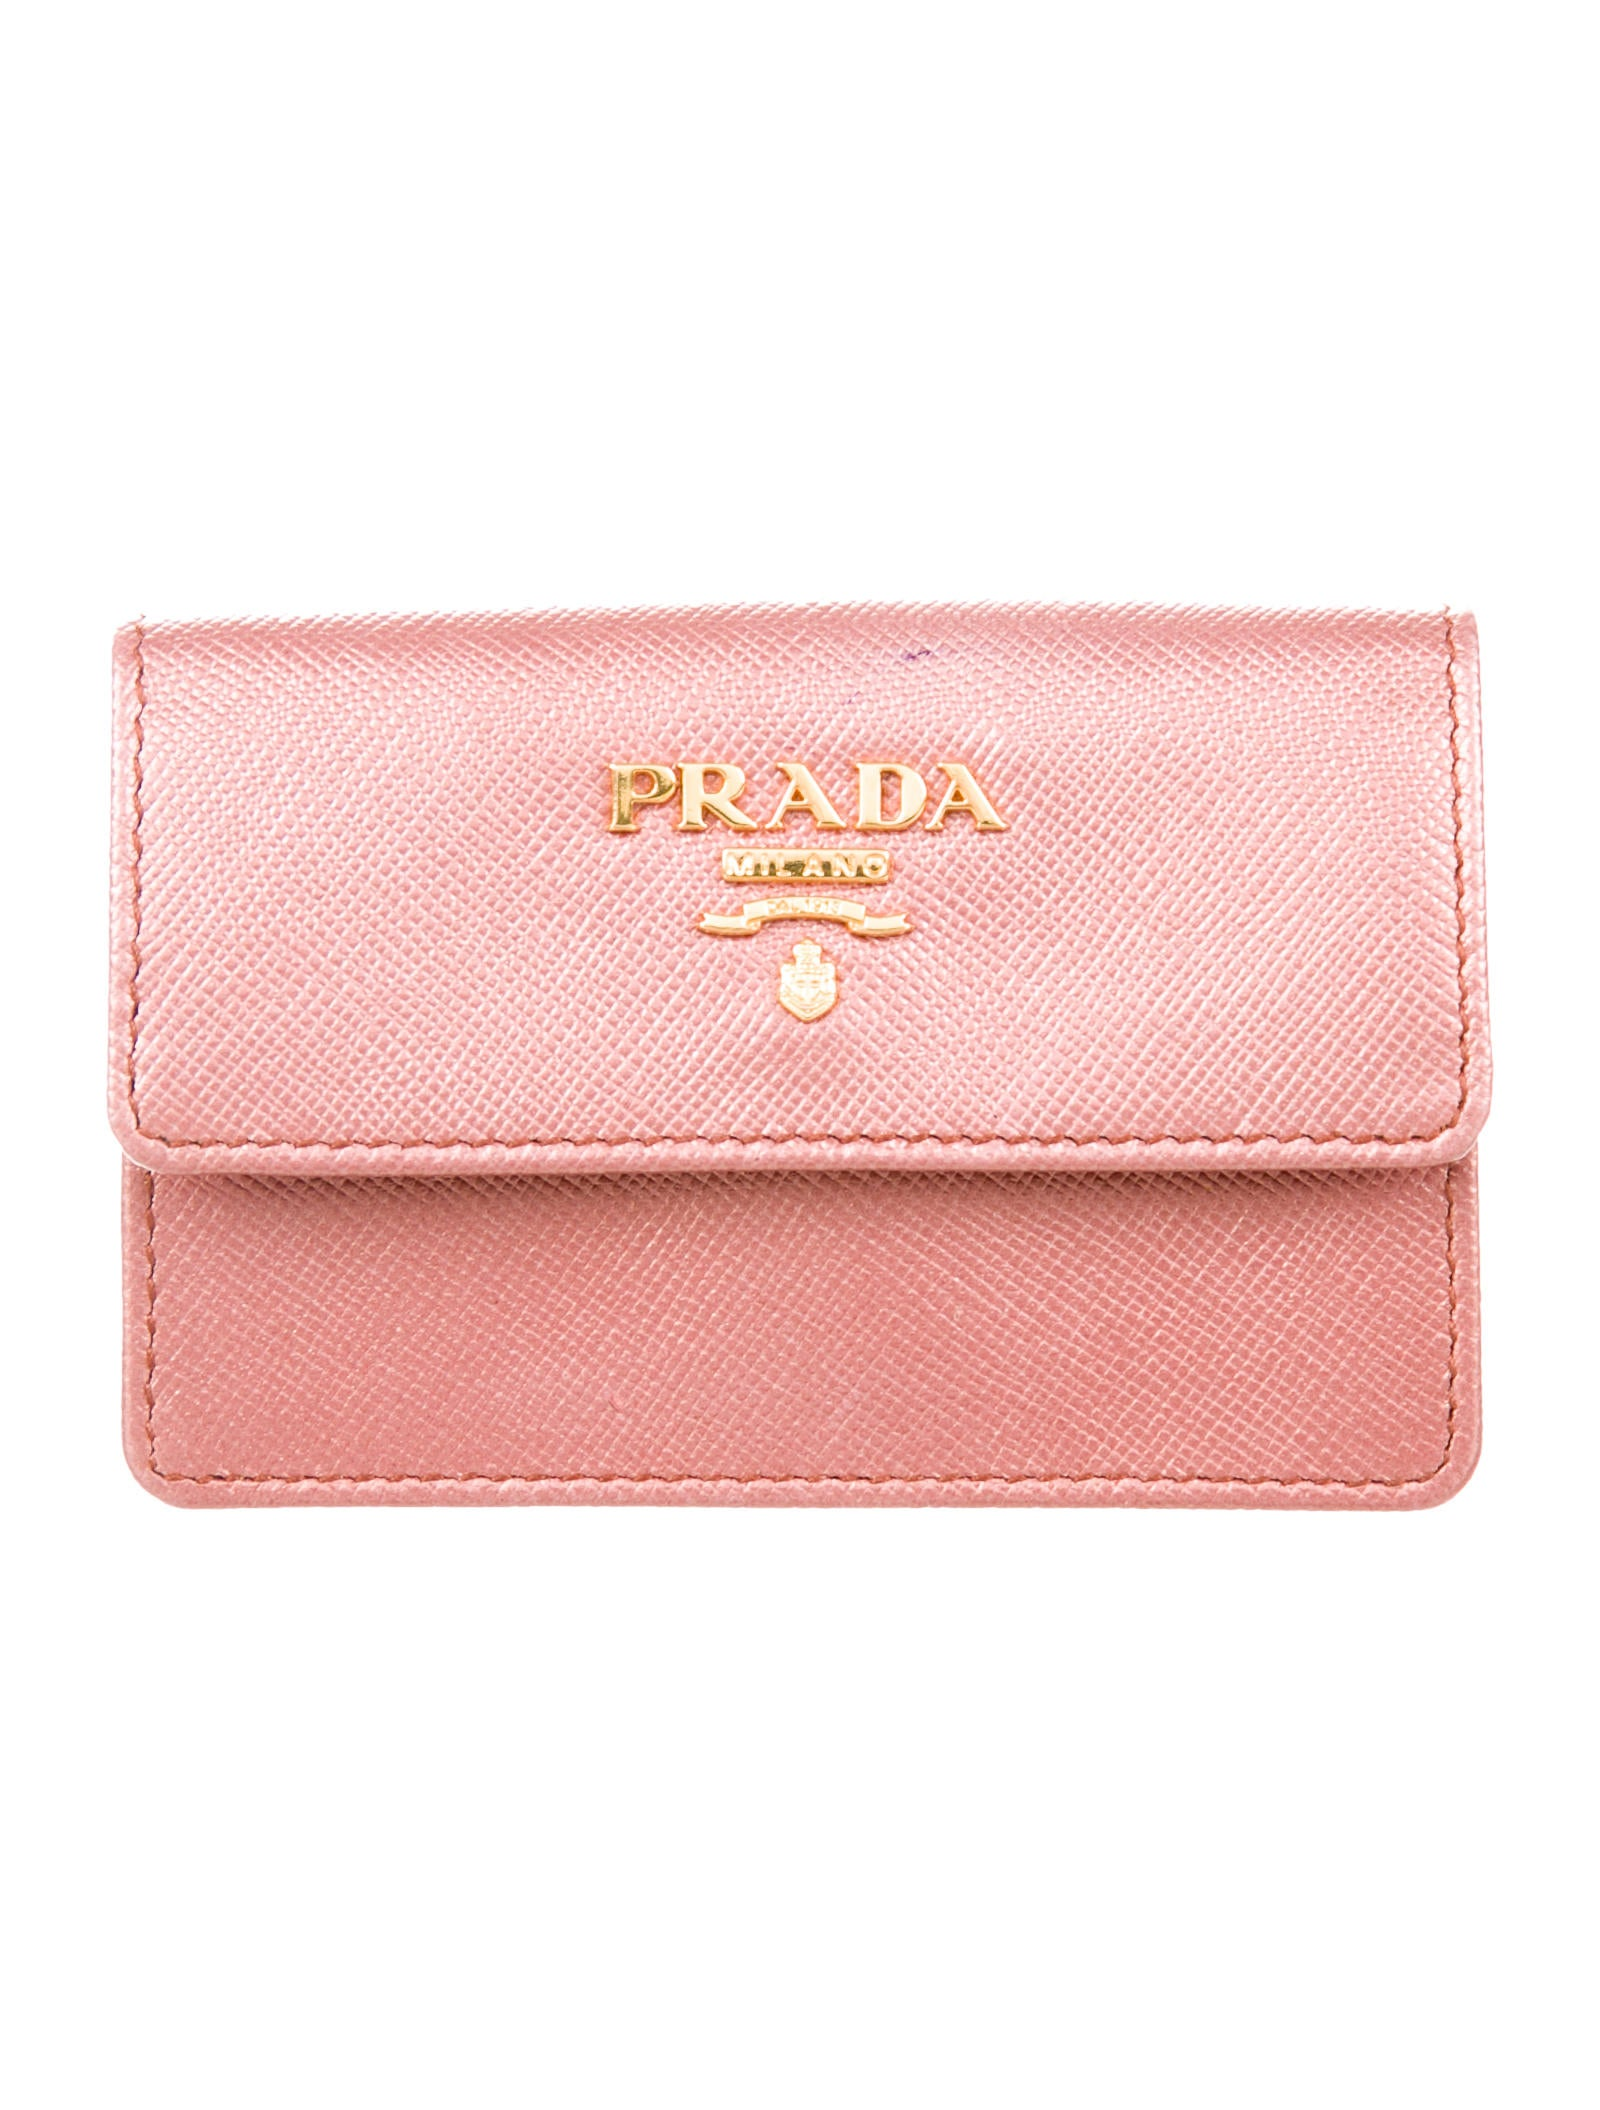 Prada Saffiano Business Card Holder - Accessories - PRA199824 | The ...